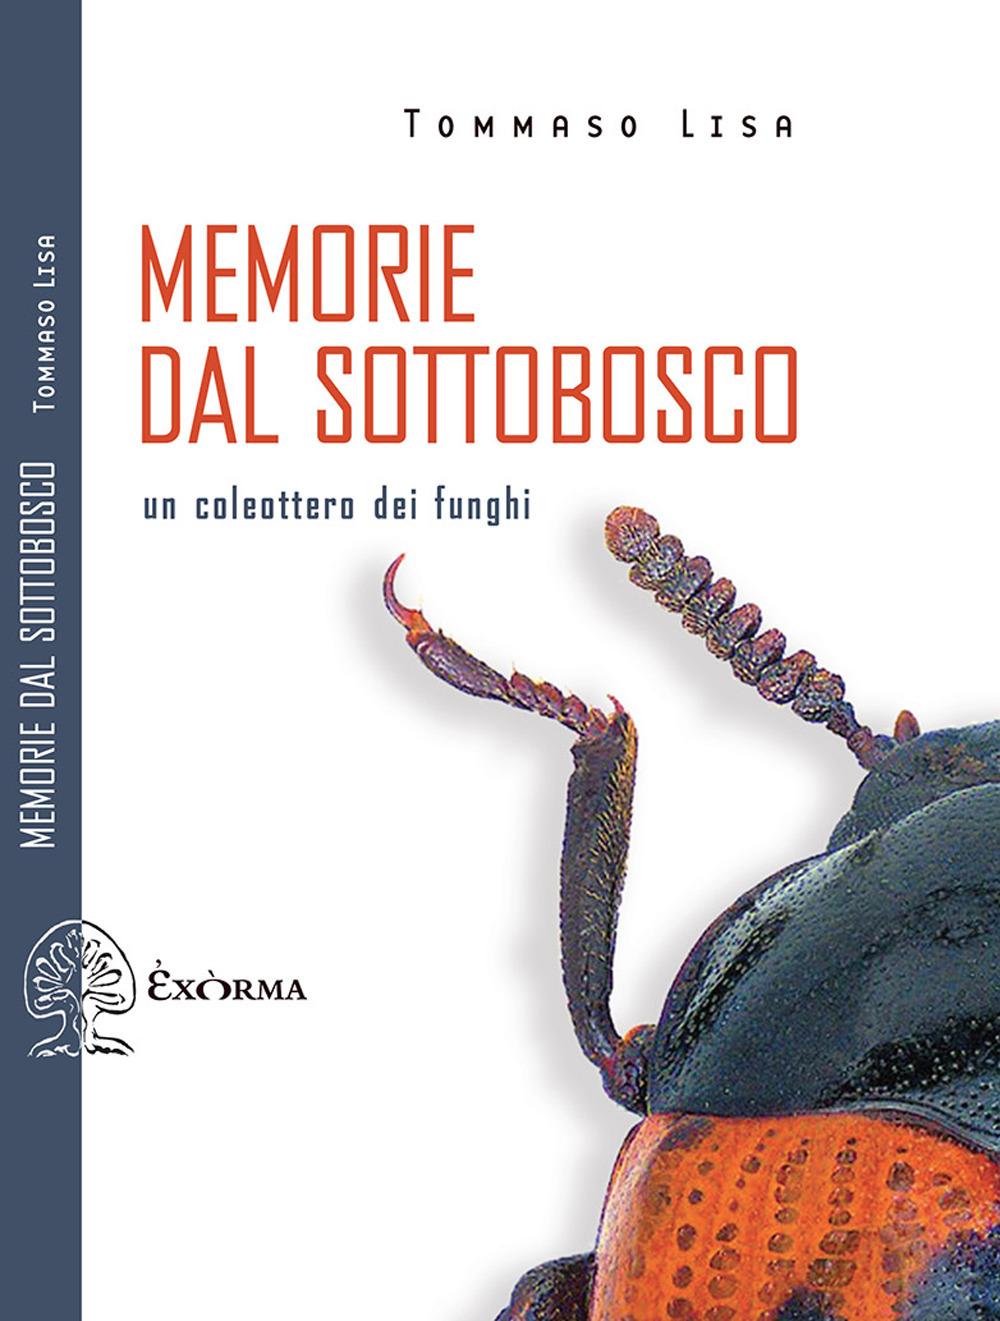 MEMORIE DAL SOTTOBOSCO. UN COLEOTTERO DEI FUNGHI - Lisa Tommaso - 9788831461214